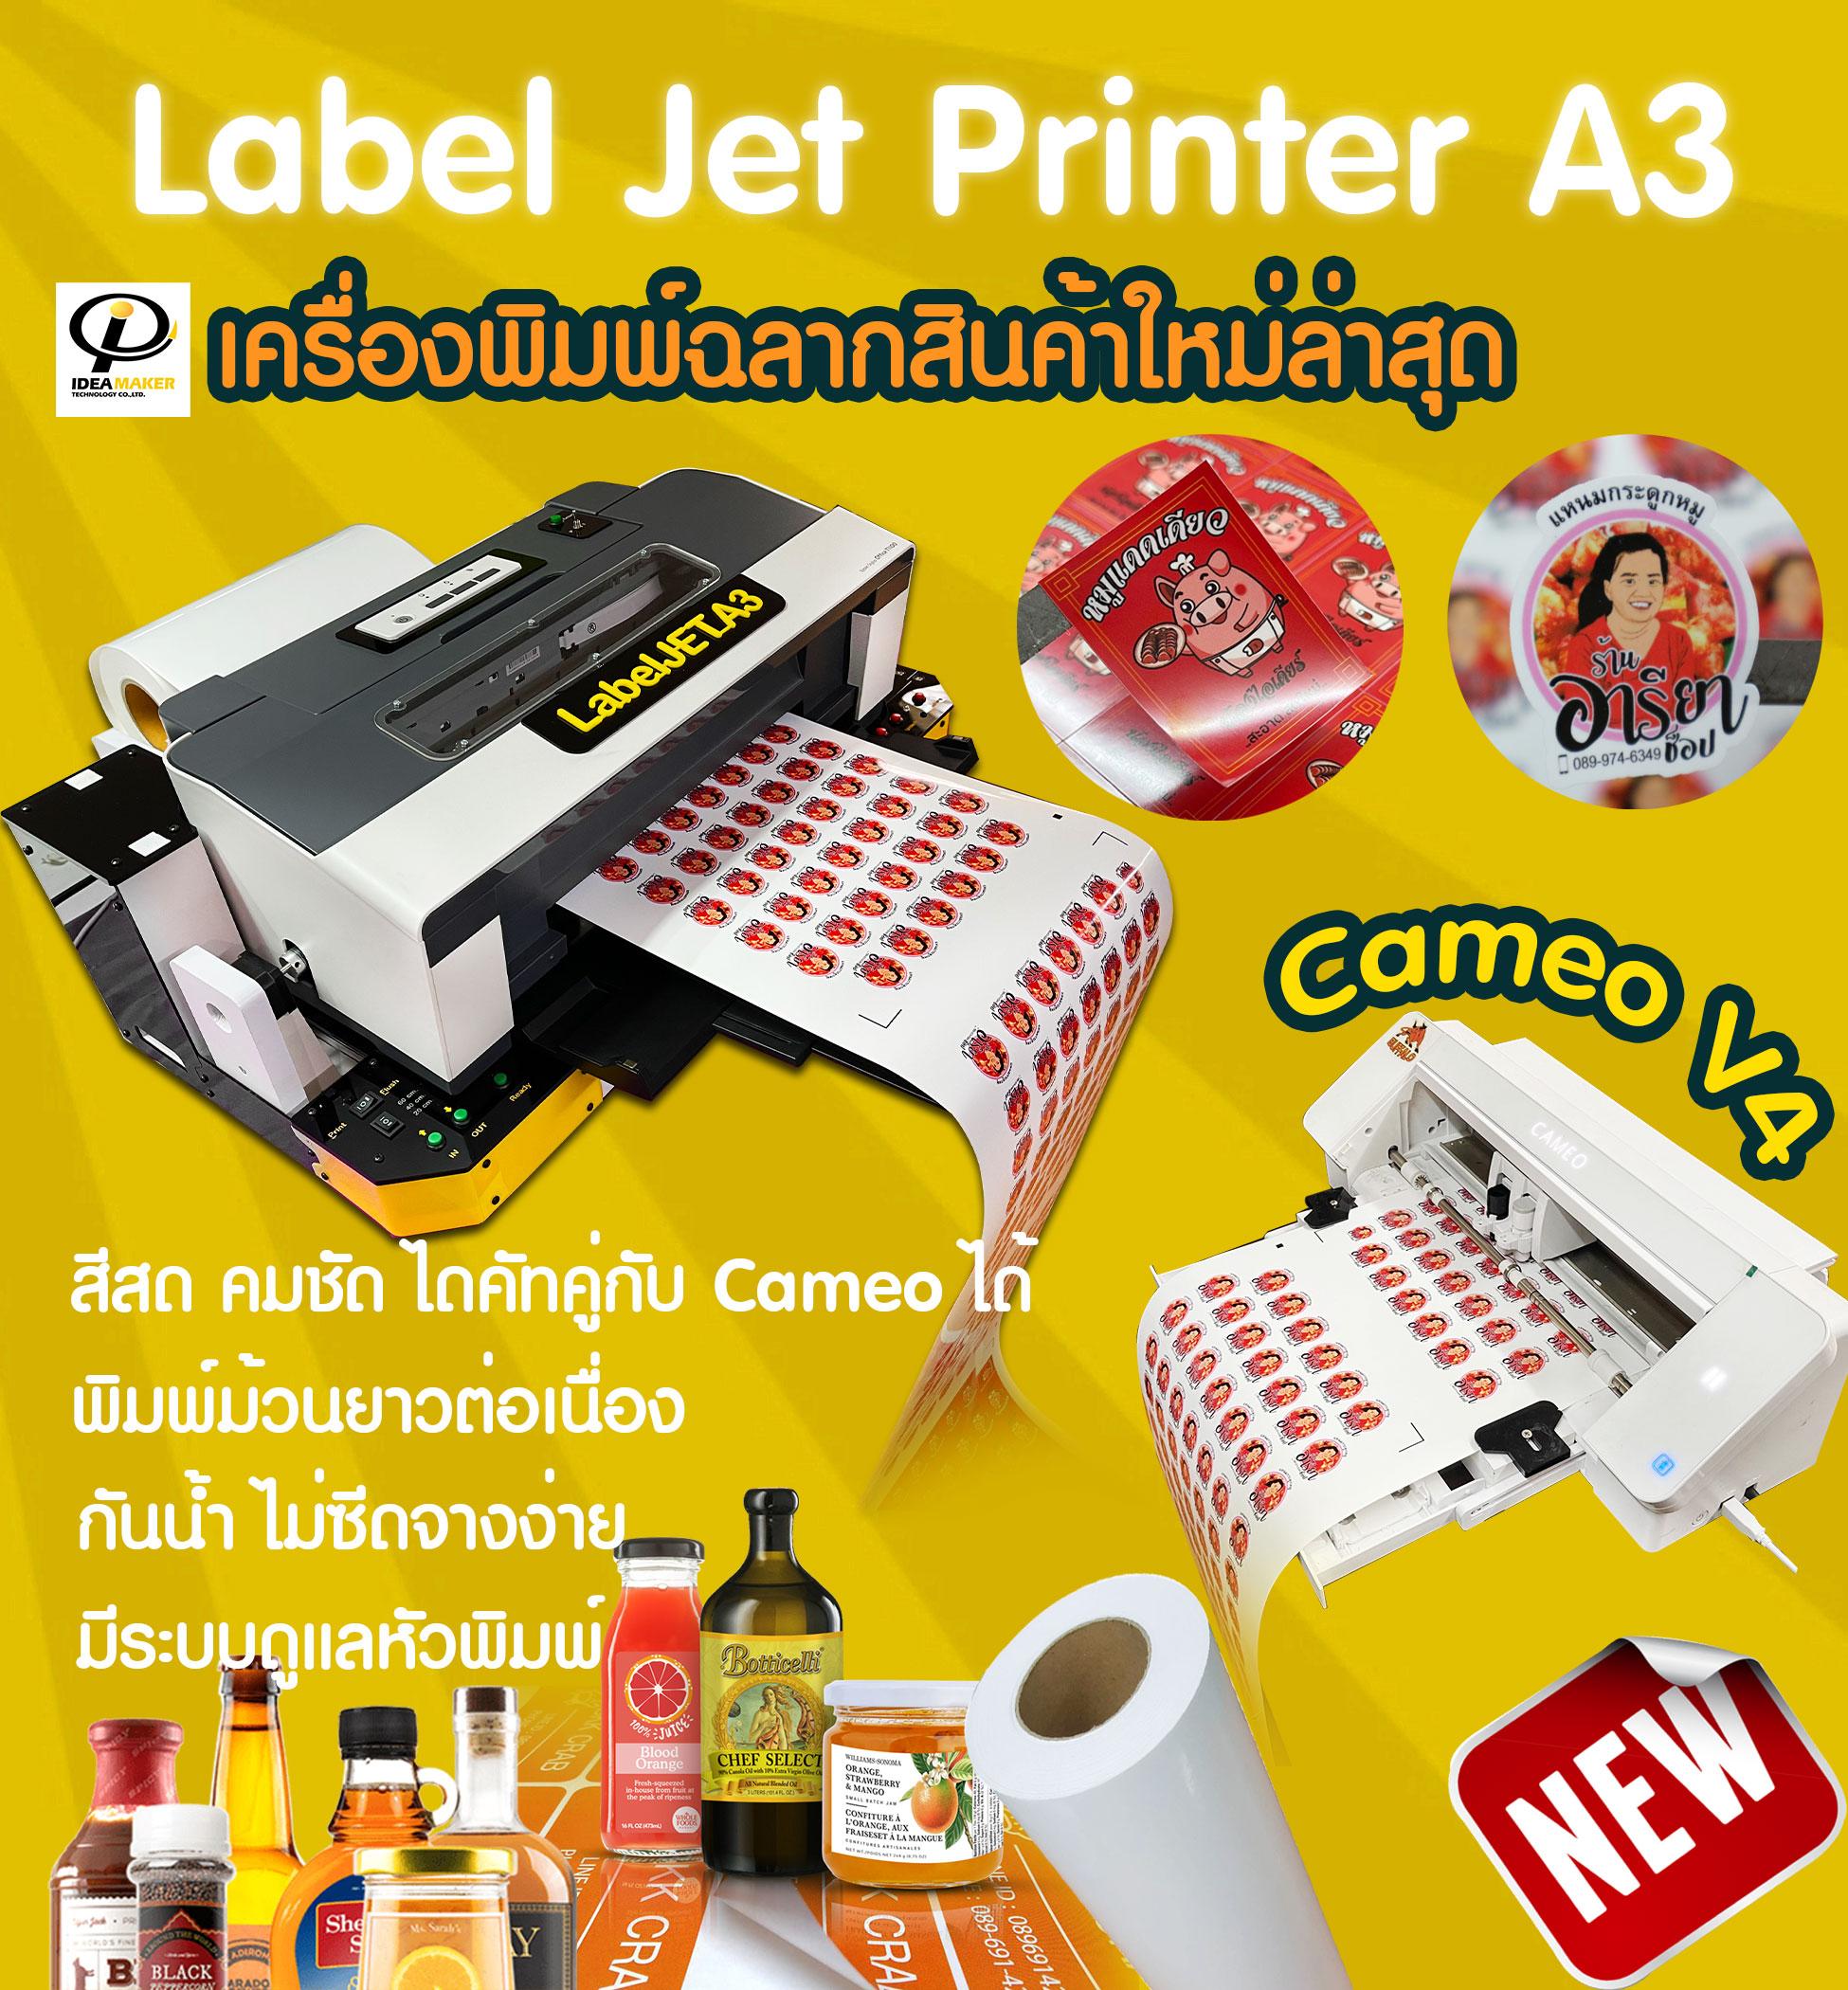 เครื่องพิมพ์-Label-Jet